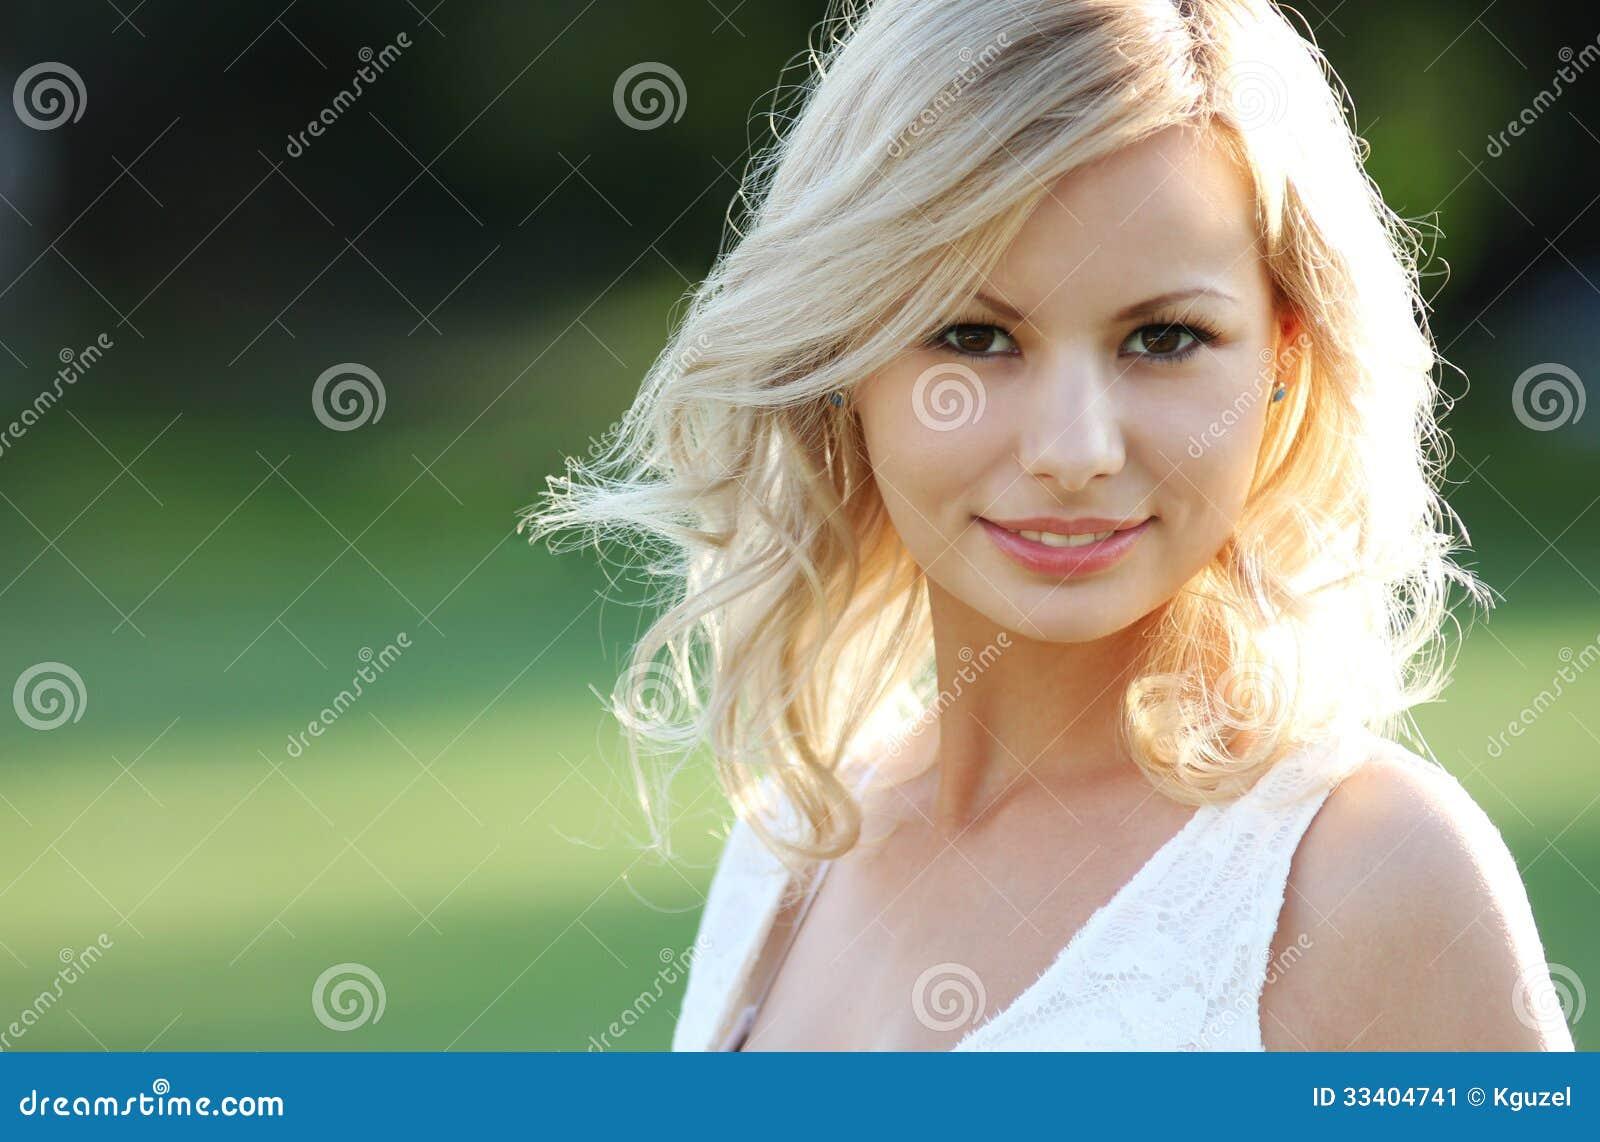 Lächelndes blondes Mädchen. Porträt der glücklichen netten schönen jungen Frau, draußen.